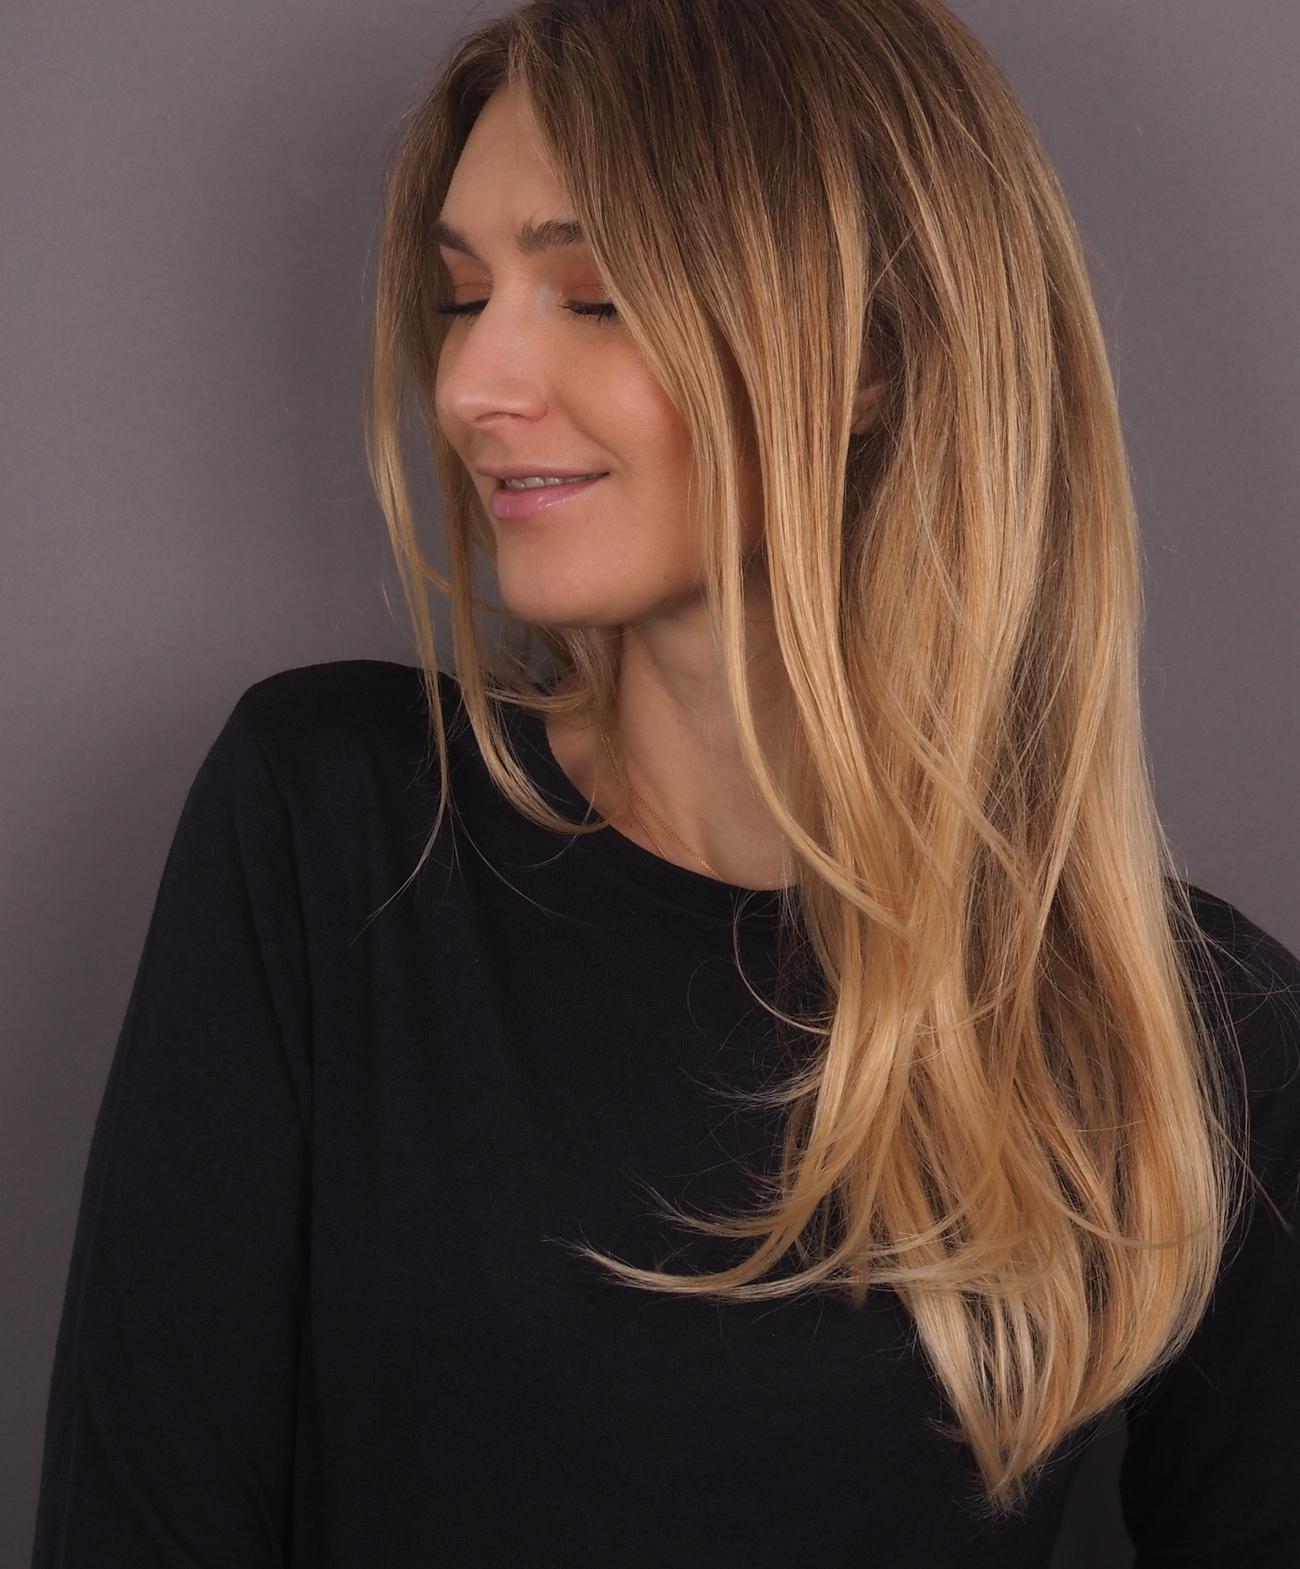 Beautyblog-Beauty-Blog-bare-minds-Elina-Neumann-Aveda-Damage-Remedy-3